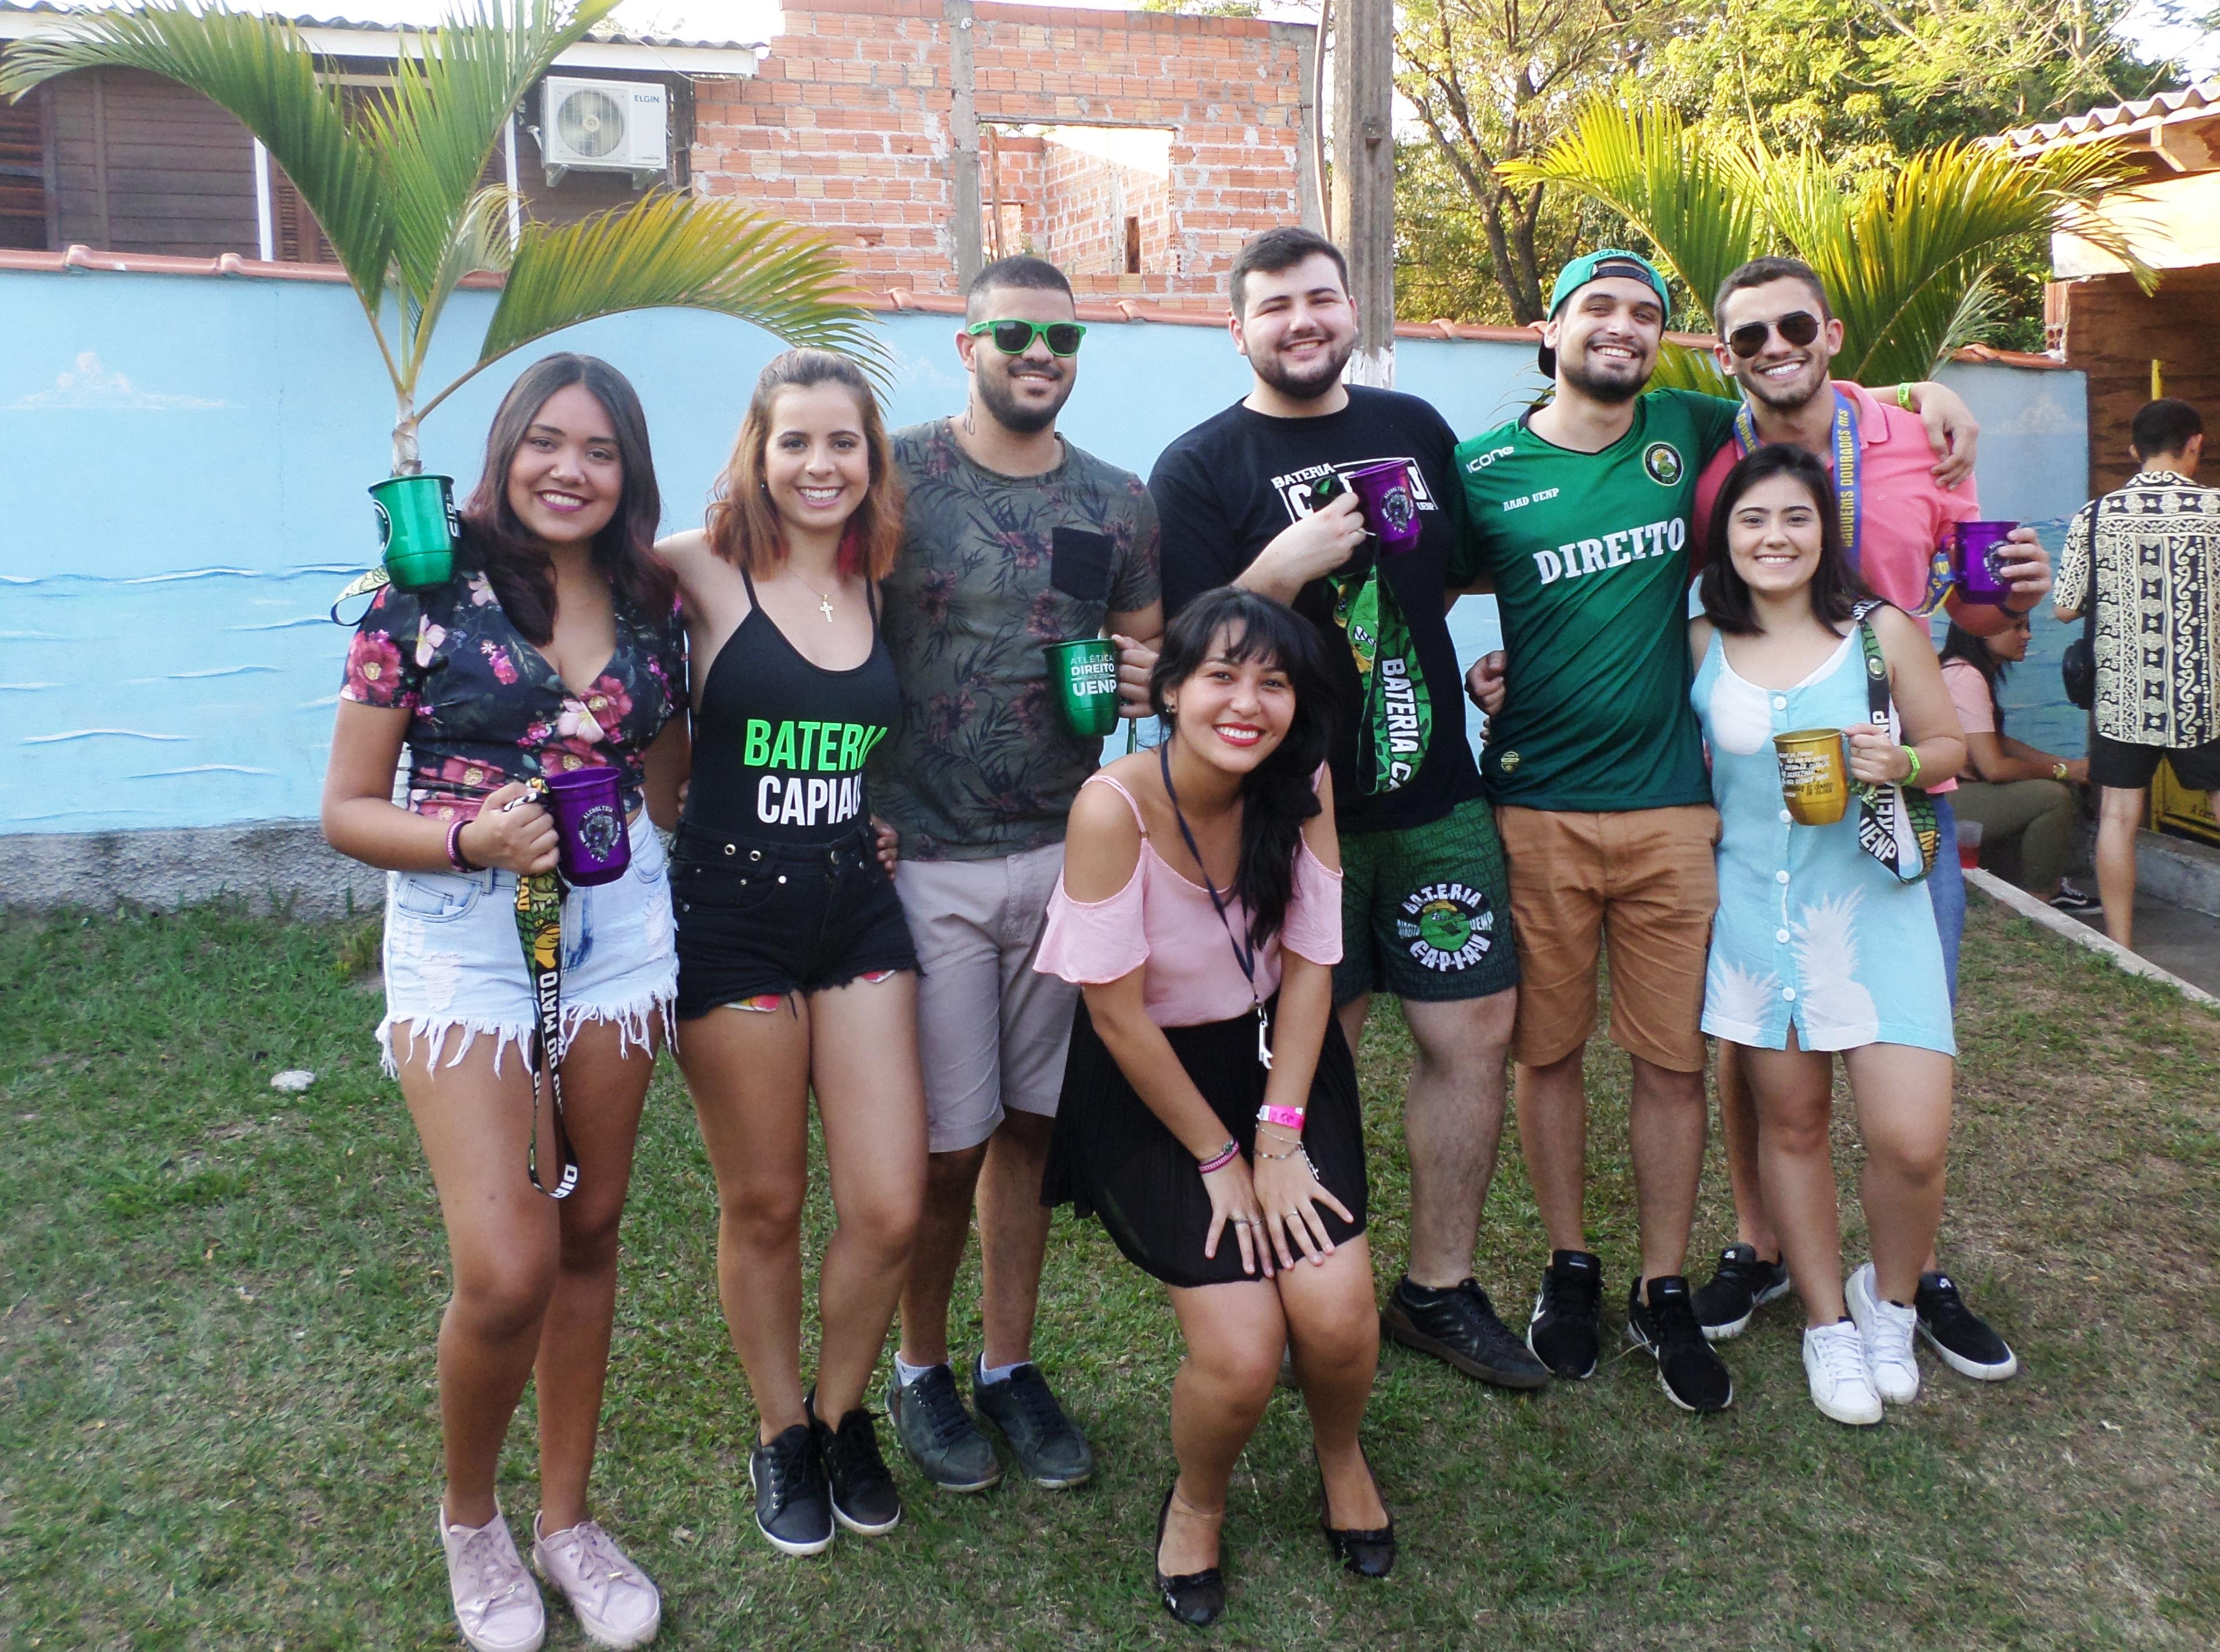 """Confiram as fotos do evento Volta ao Mundo realizado pelos acadêmicos """"Direito UENP Jacarezinho"""""""